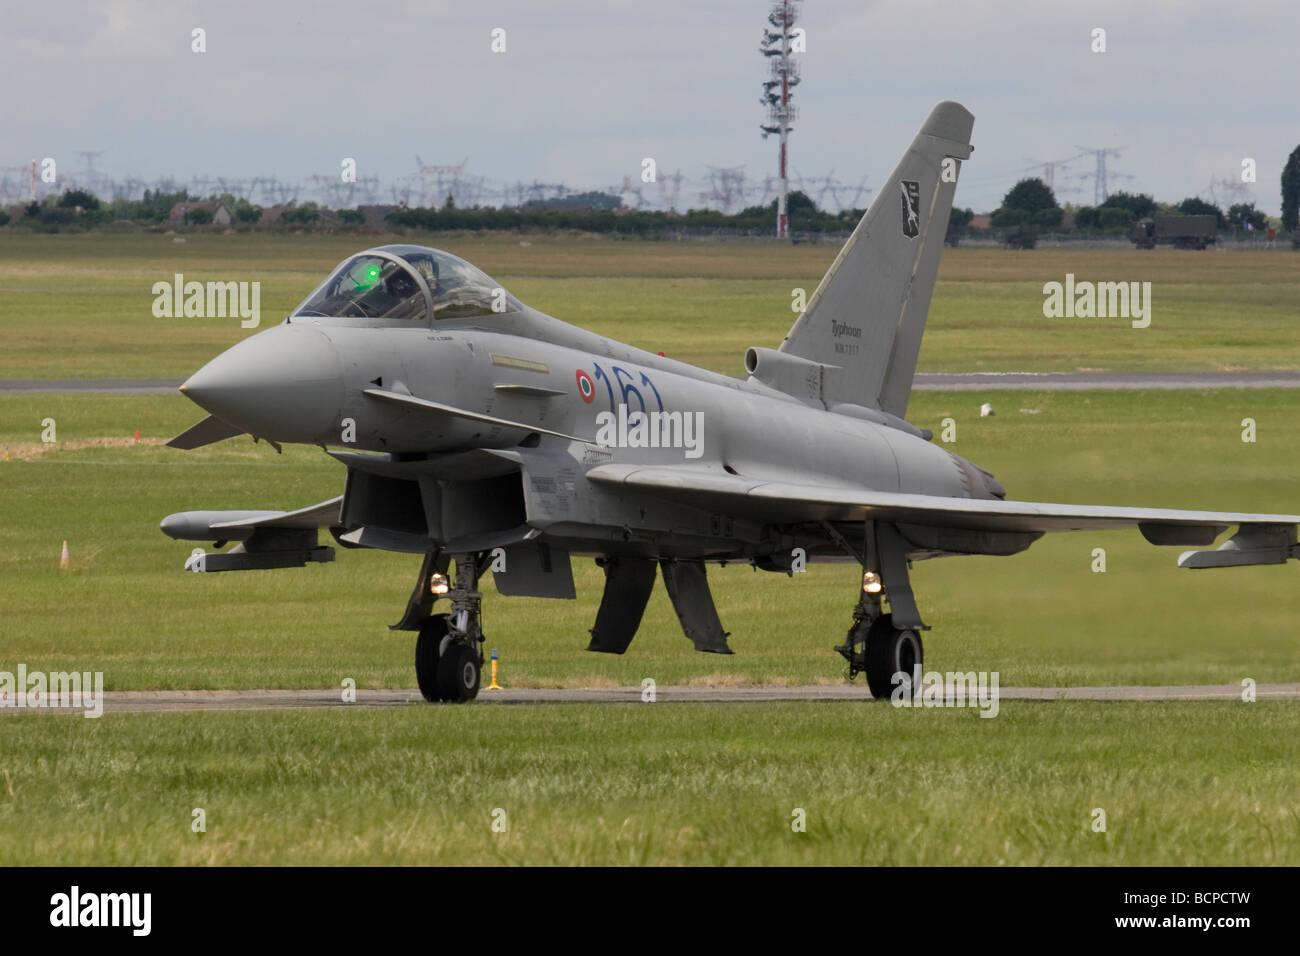 Paris Airshow 2009 Eurofighter - Stock Image